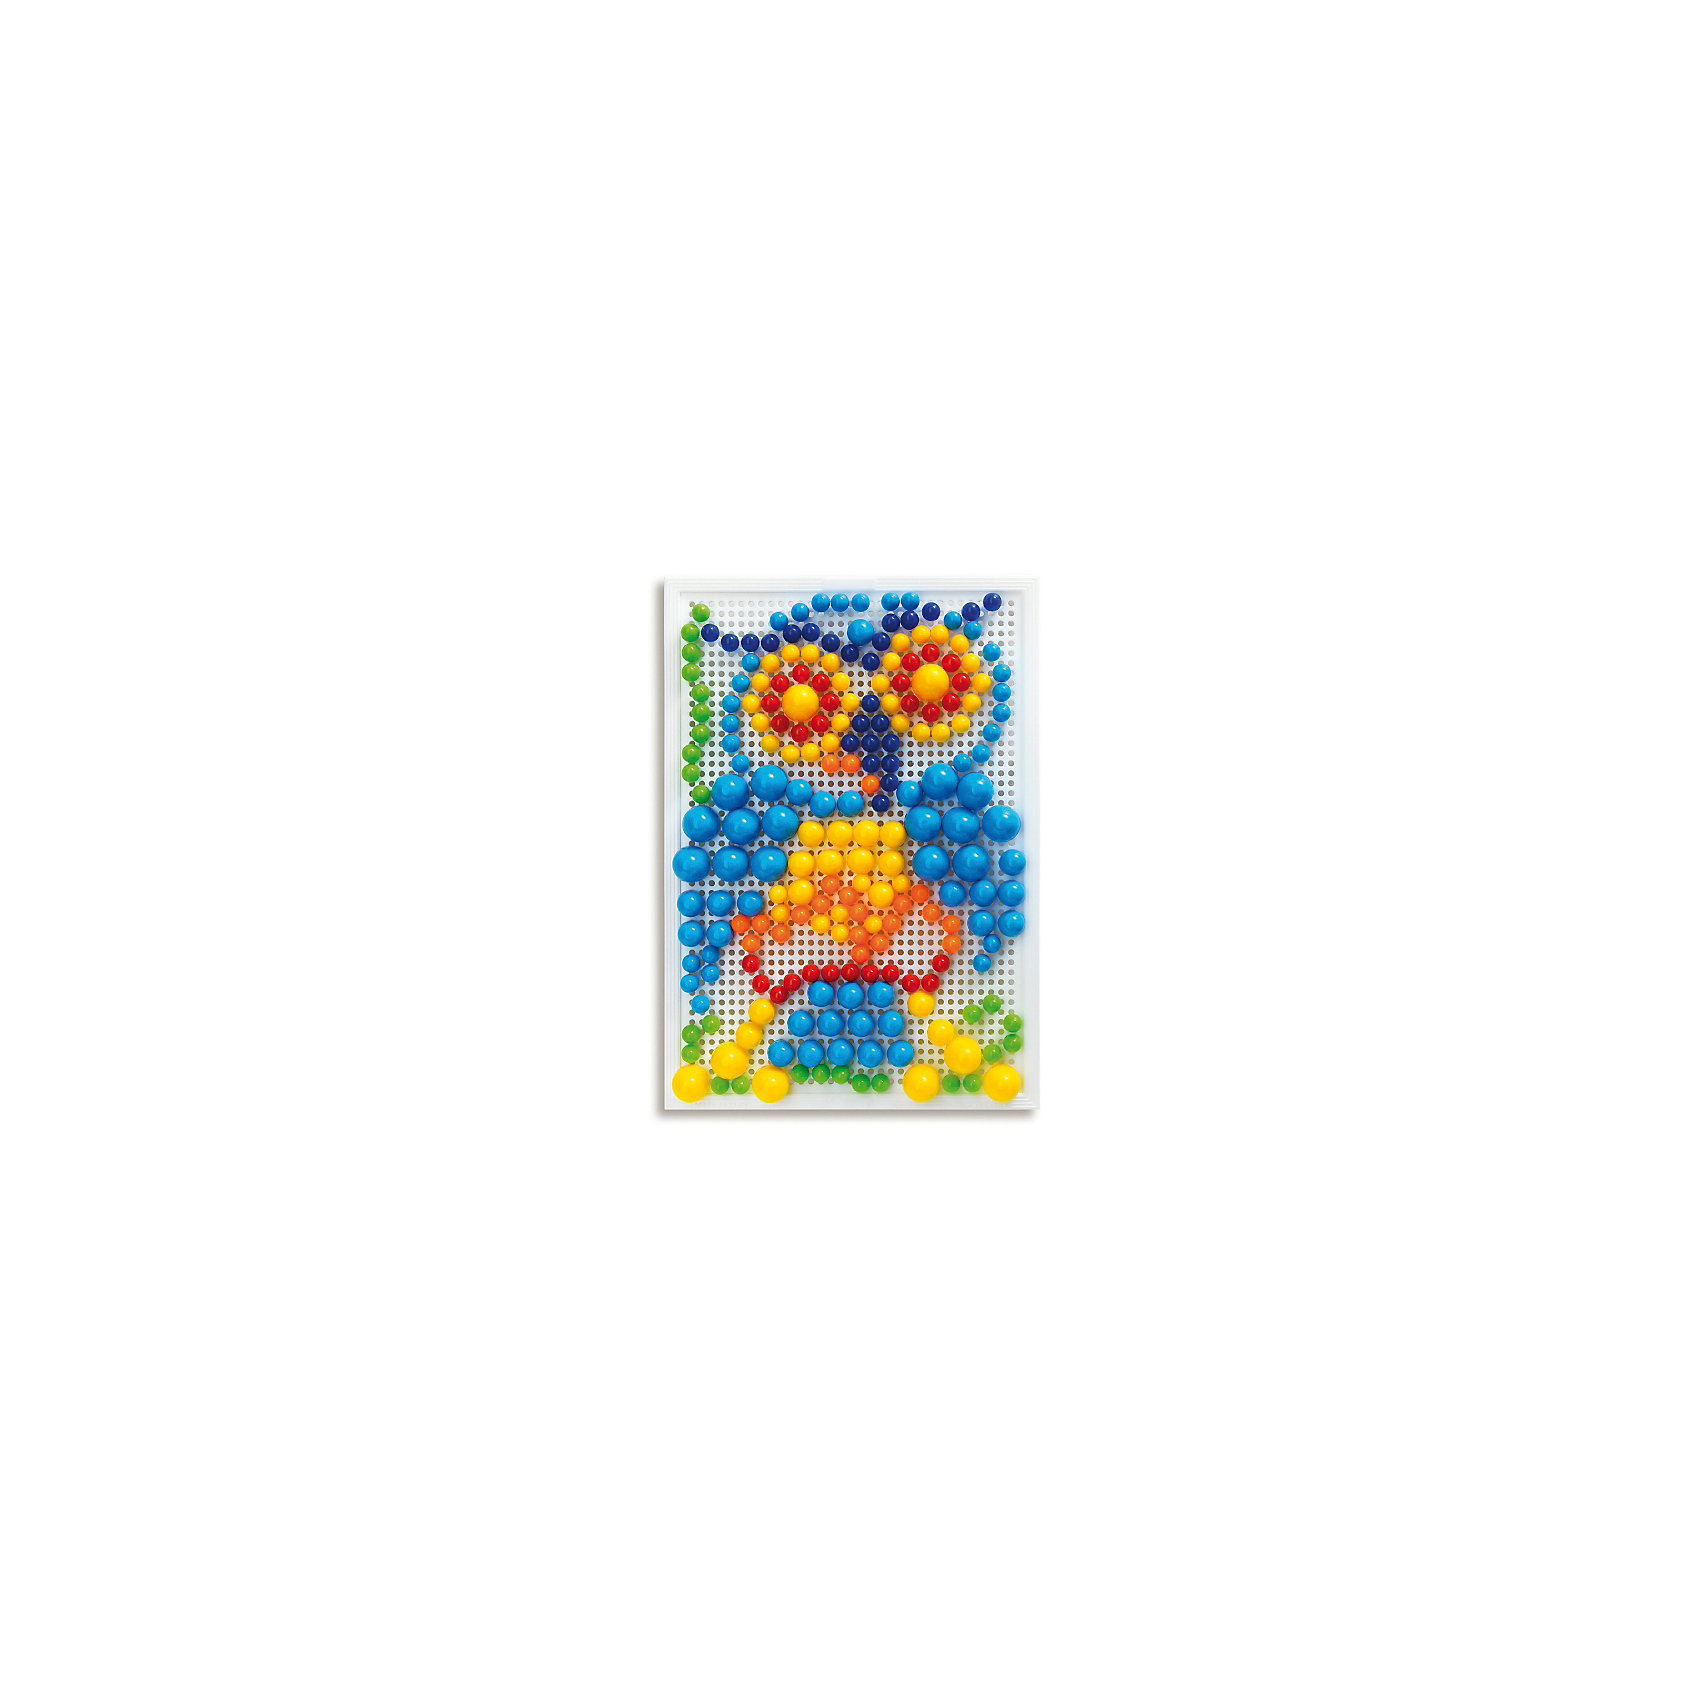 Мозайка Фантастические цвета, 280 деталей, QuercettiМозаика<br>Мозайка Фантастические цвета, 280 деталей, Quercetti (Кверсетти).<br><br>Характеристики:<br><br>- В наборе: 280 деталей-пуговиц 3-х различных размеров (диаметр - 10, 15, 20 мм), чемоданчик для хранения, основа – игровое поле, инструкция<br>- Размер игрового поля: 28 х 20 см.<br>- Цвета: красный, оранжевый, желтый, зеленый, голубой, синий<br>- Материал: безопасный пластик, окрашенный нетоксичными красками<br>- Упаковка: картонная коробка<br>- Размер упаковки: 32 х 24 х 6 см.<br>- Вес: 700 гр.<br><br>Мозаика Фантастические цвета приведет в восторг вашего ребенка и не позволит ему скучать. Комбинируя яркие разноцветные детали разного диаметра, ребенок может собирать на игровом поле изображения из инструкции или придумывать картинки сам. Мозаику легко взять с собой куда угодно, поскольку она упакована в удобный чемоданчик-планшет. Его крышка – это игровое поле с множеством дырочек. За специальную ручку чемоданчик можно легко переносить с места на место, игровое поле при этом фиксируется замочком. Детали мозаики изготовлены из прочного гладкого пластика с глянцевой поверхностью, а игровое поле – из мягкого и гибкого пластика. Собирание мозаики развивает у детей цветовосприятие, творческие способности, внимание, усидчивость и мелкую моторику.<br><br>Мозайку Фантастические цвета, 280 деталей, Quercetti (Кверсетти) можно купить в нашем интернет-магазине.<br><br>Ширина мм: 320<br>Глубина мм: 60<br>Высота мм: 240<br>Вес г: 693<br>Возраст от месяцев: 48<br>Возраст до месяцев: 2147483647<br>Пол: Унисекс<br>Возраст: Детский<br>SKU: 5140078